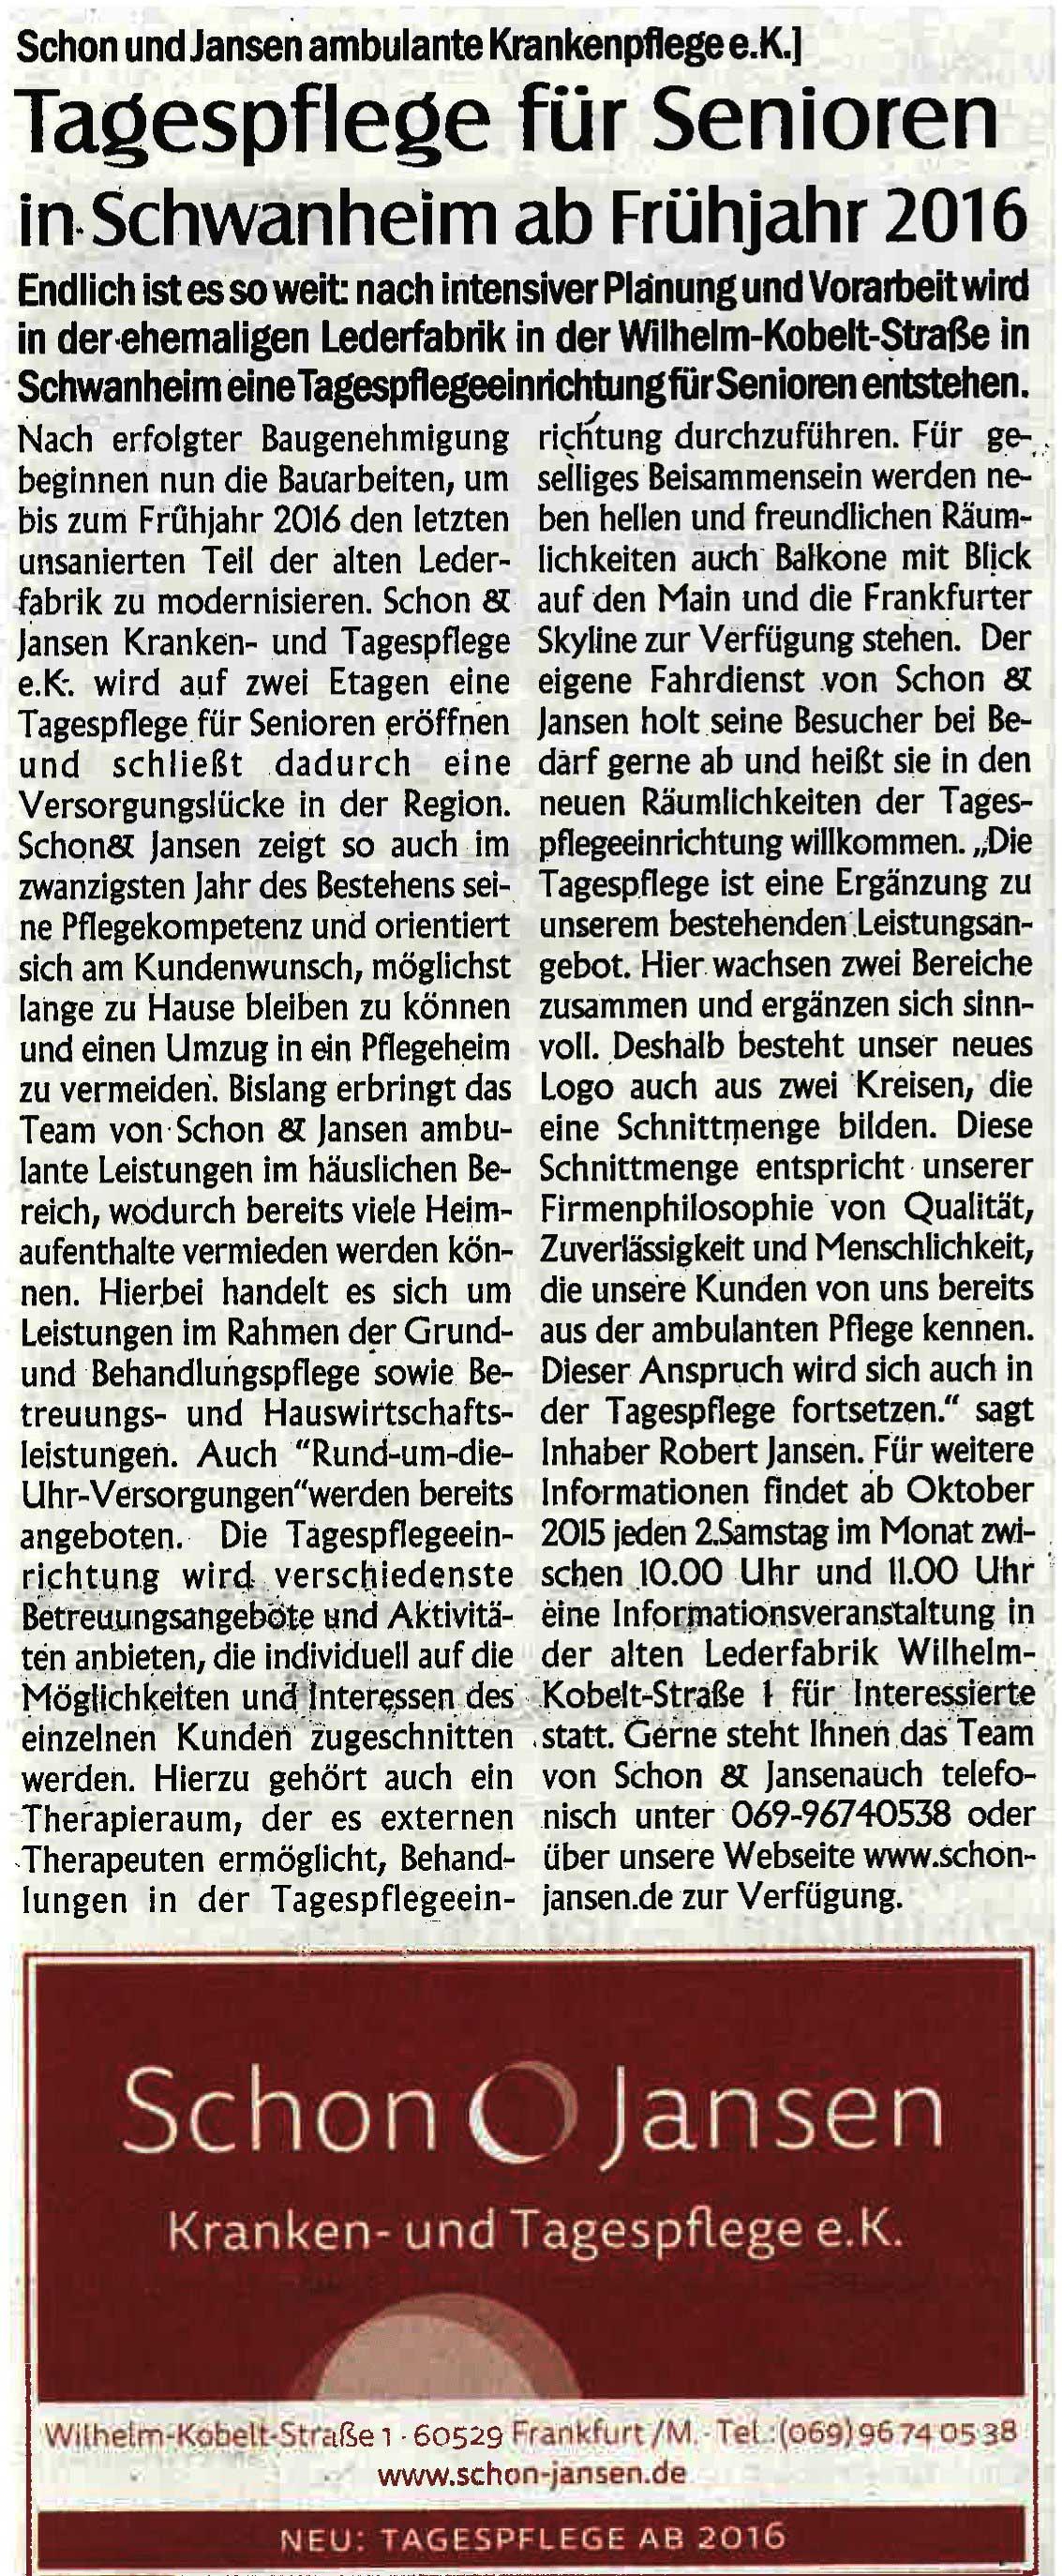 Tagespflege Schin & Jansen Presseartikel